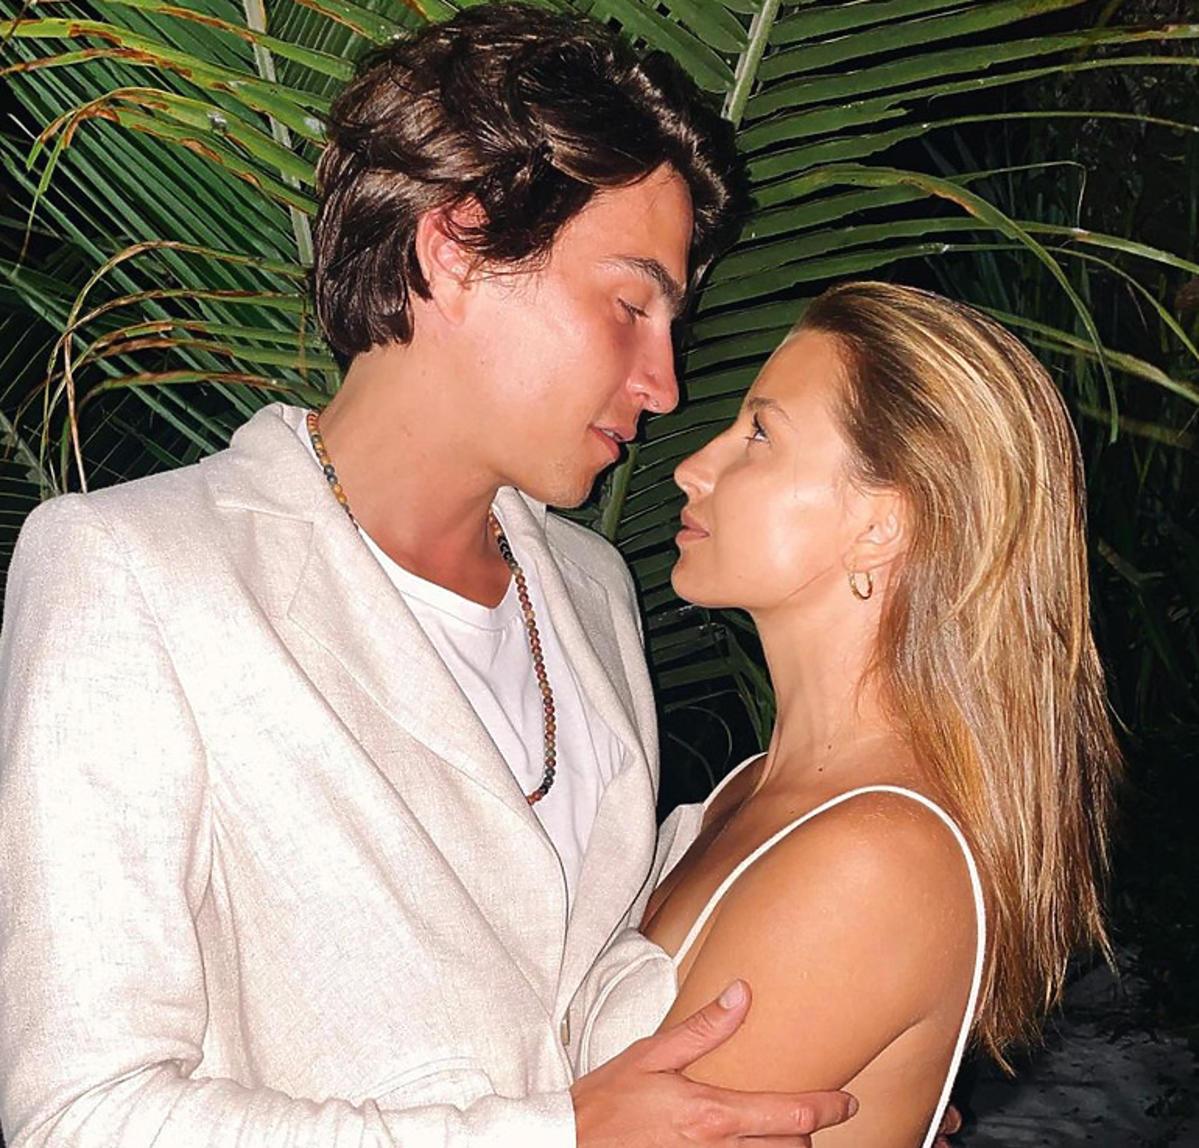 Julia Wieniawa i Nikodem Rozbicki pokazali romantyczne nagranie